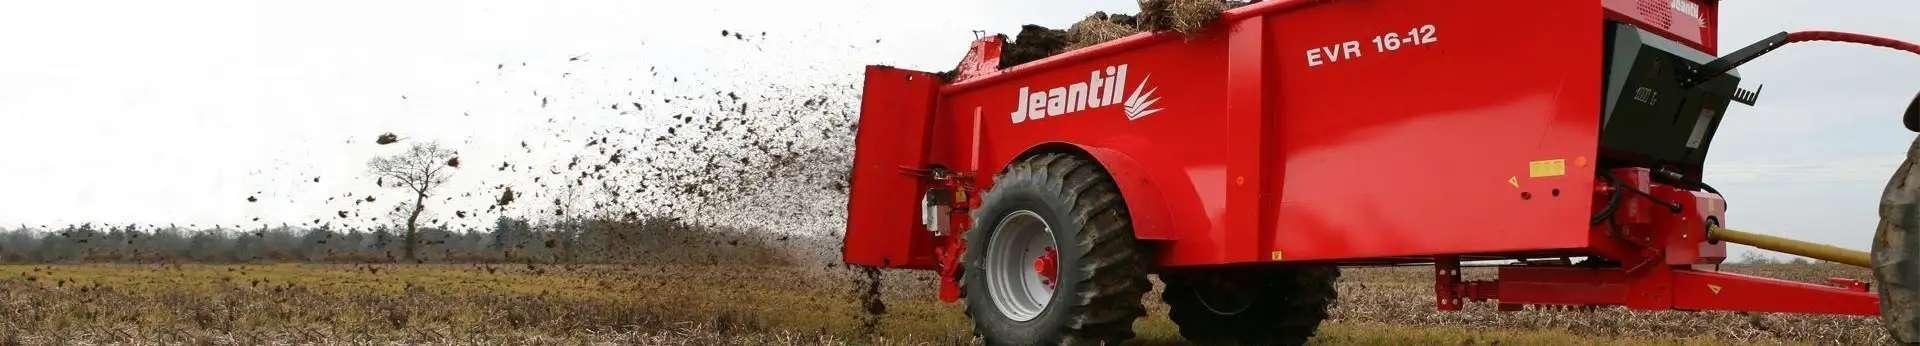 Slajder z pracujacym rozrzutnikiem jedoosiowym obornika firmy Jeantil